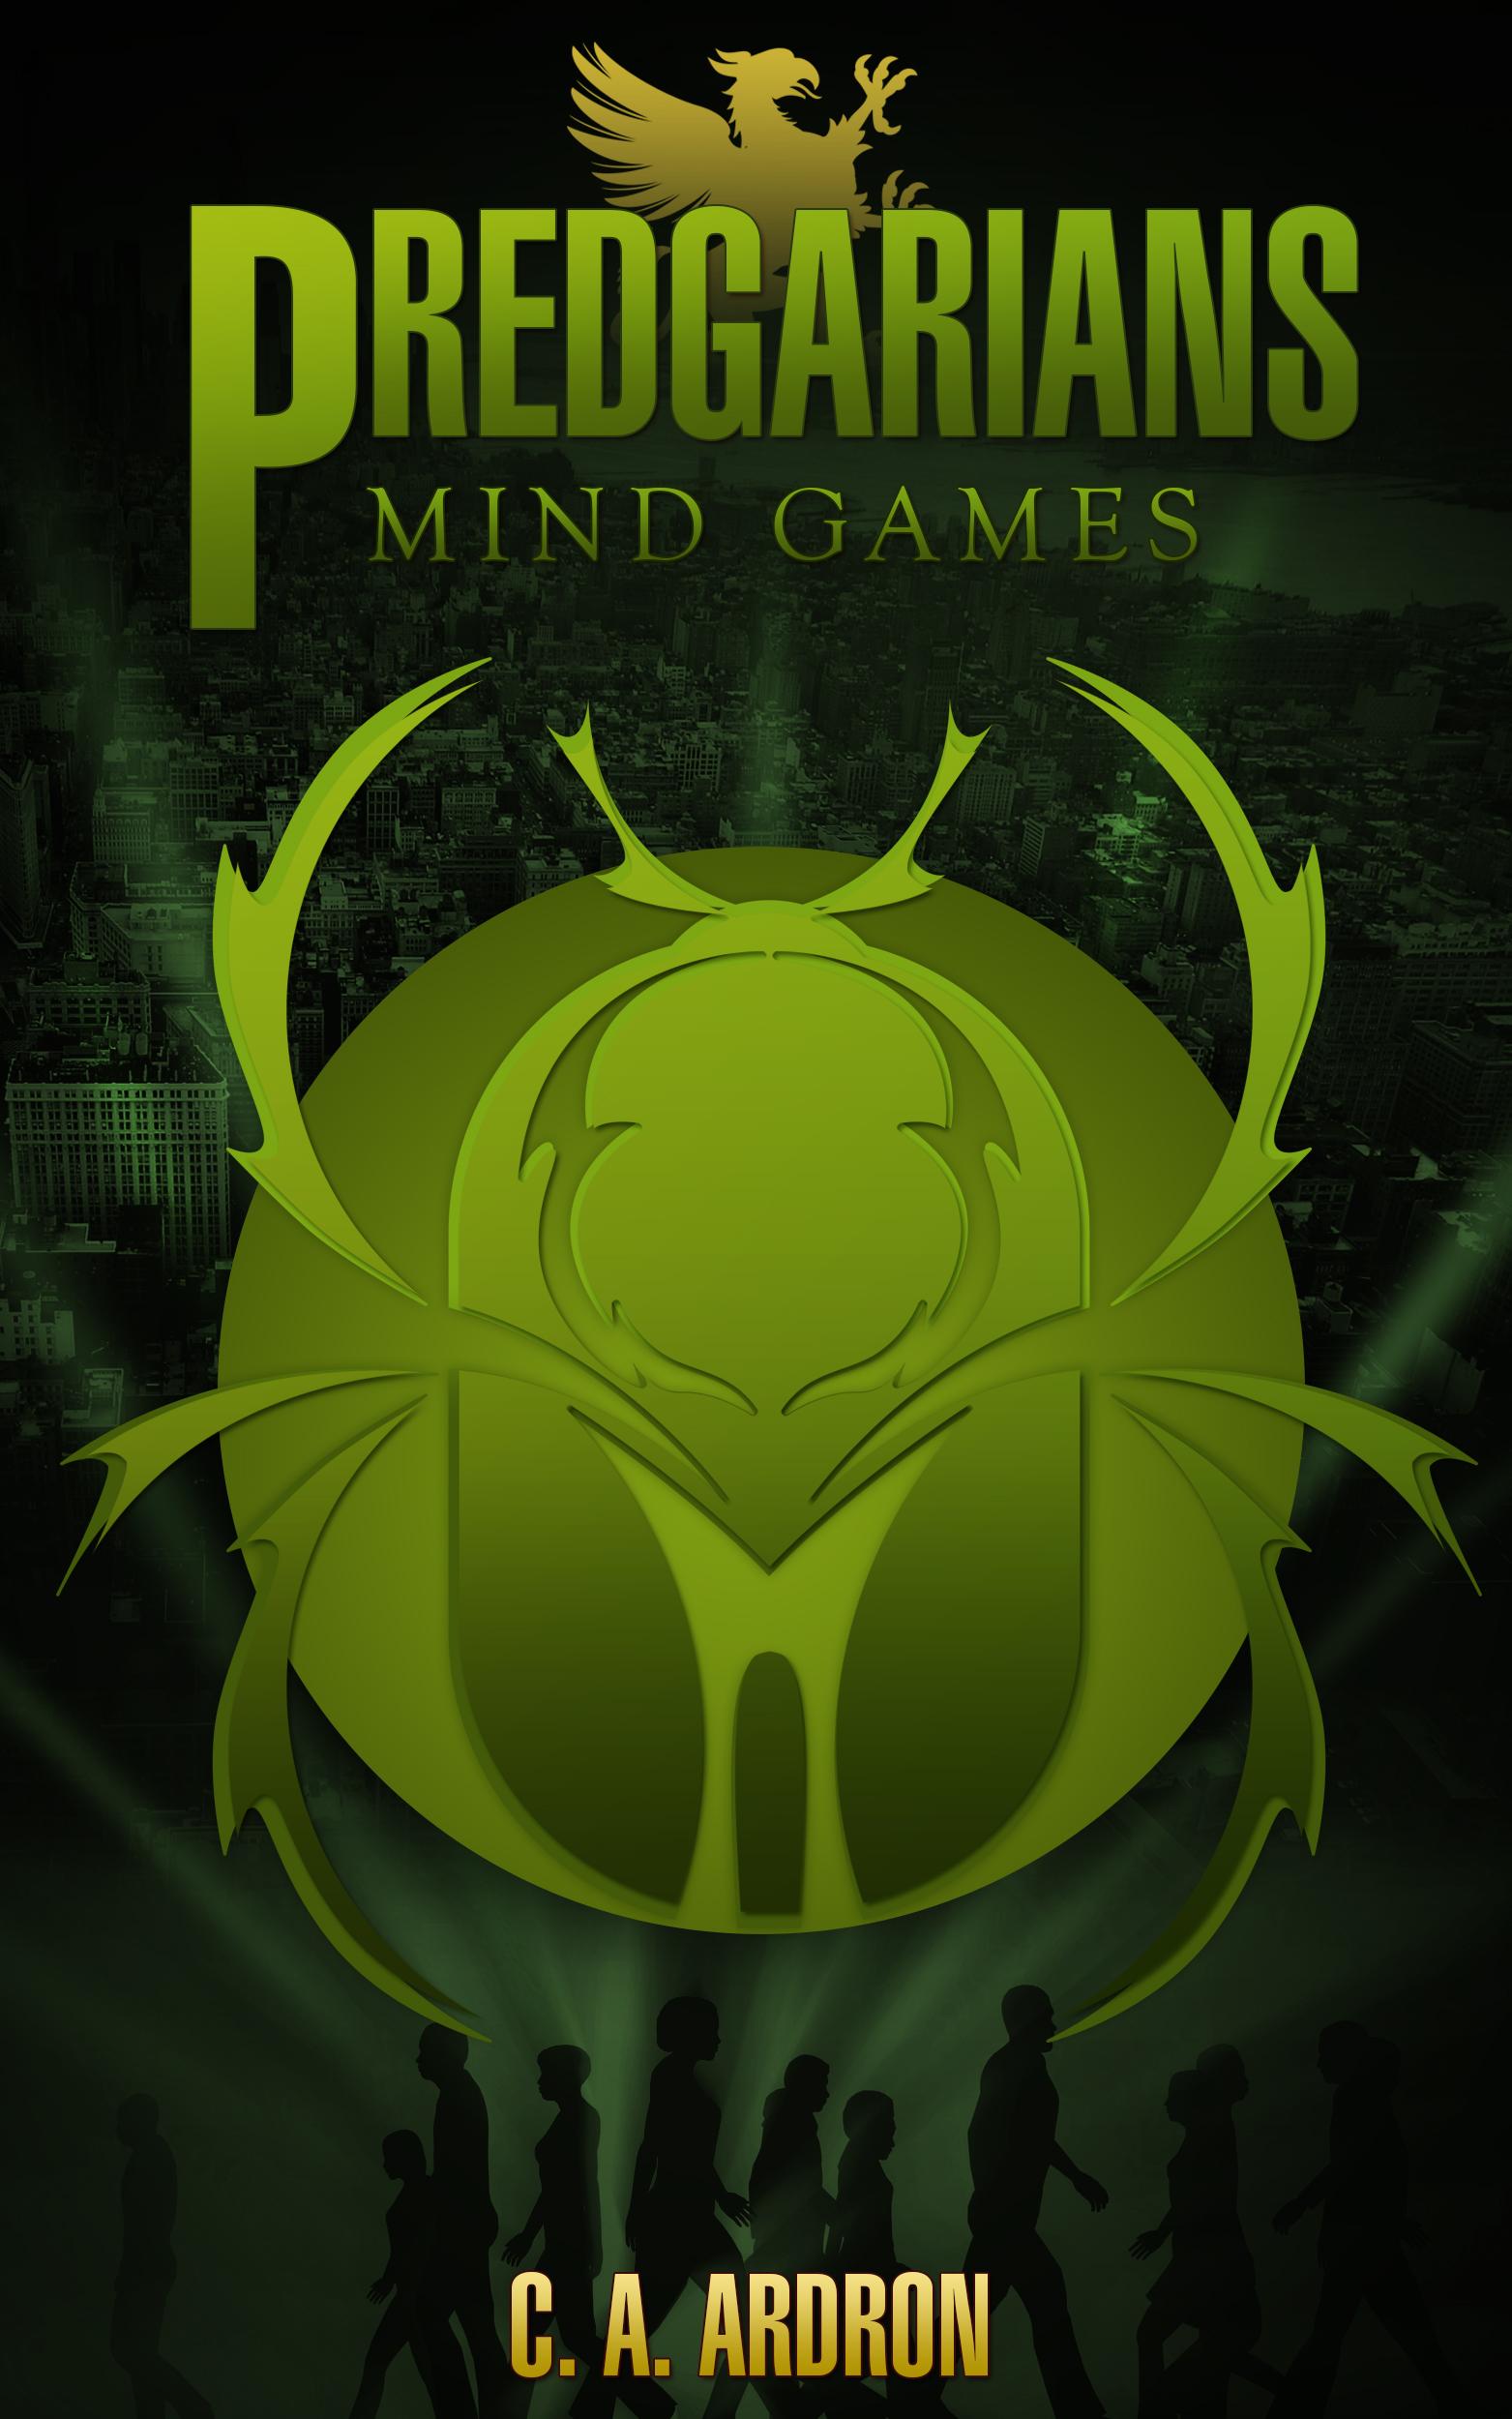 Predgarians Mind Games